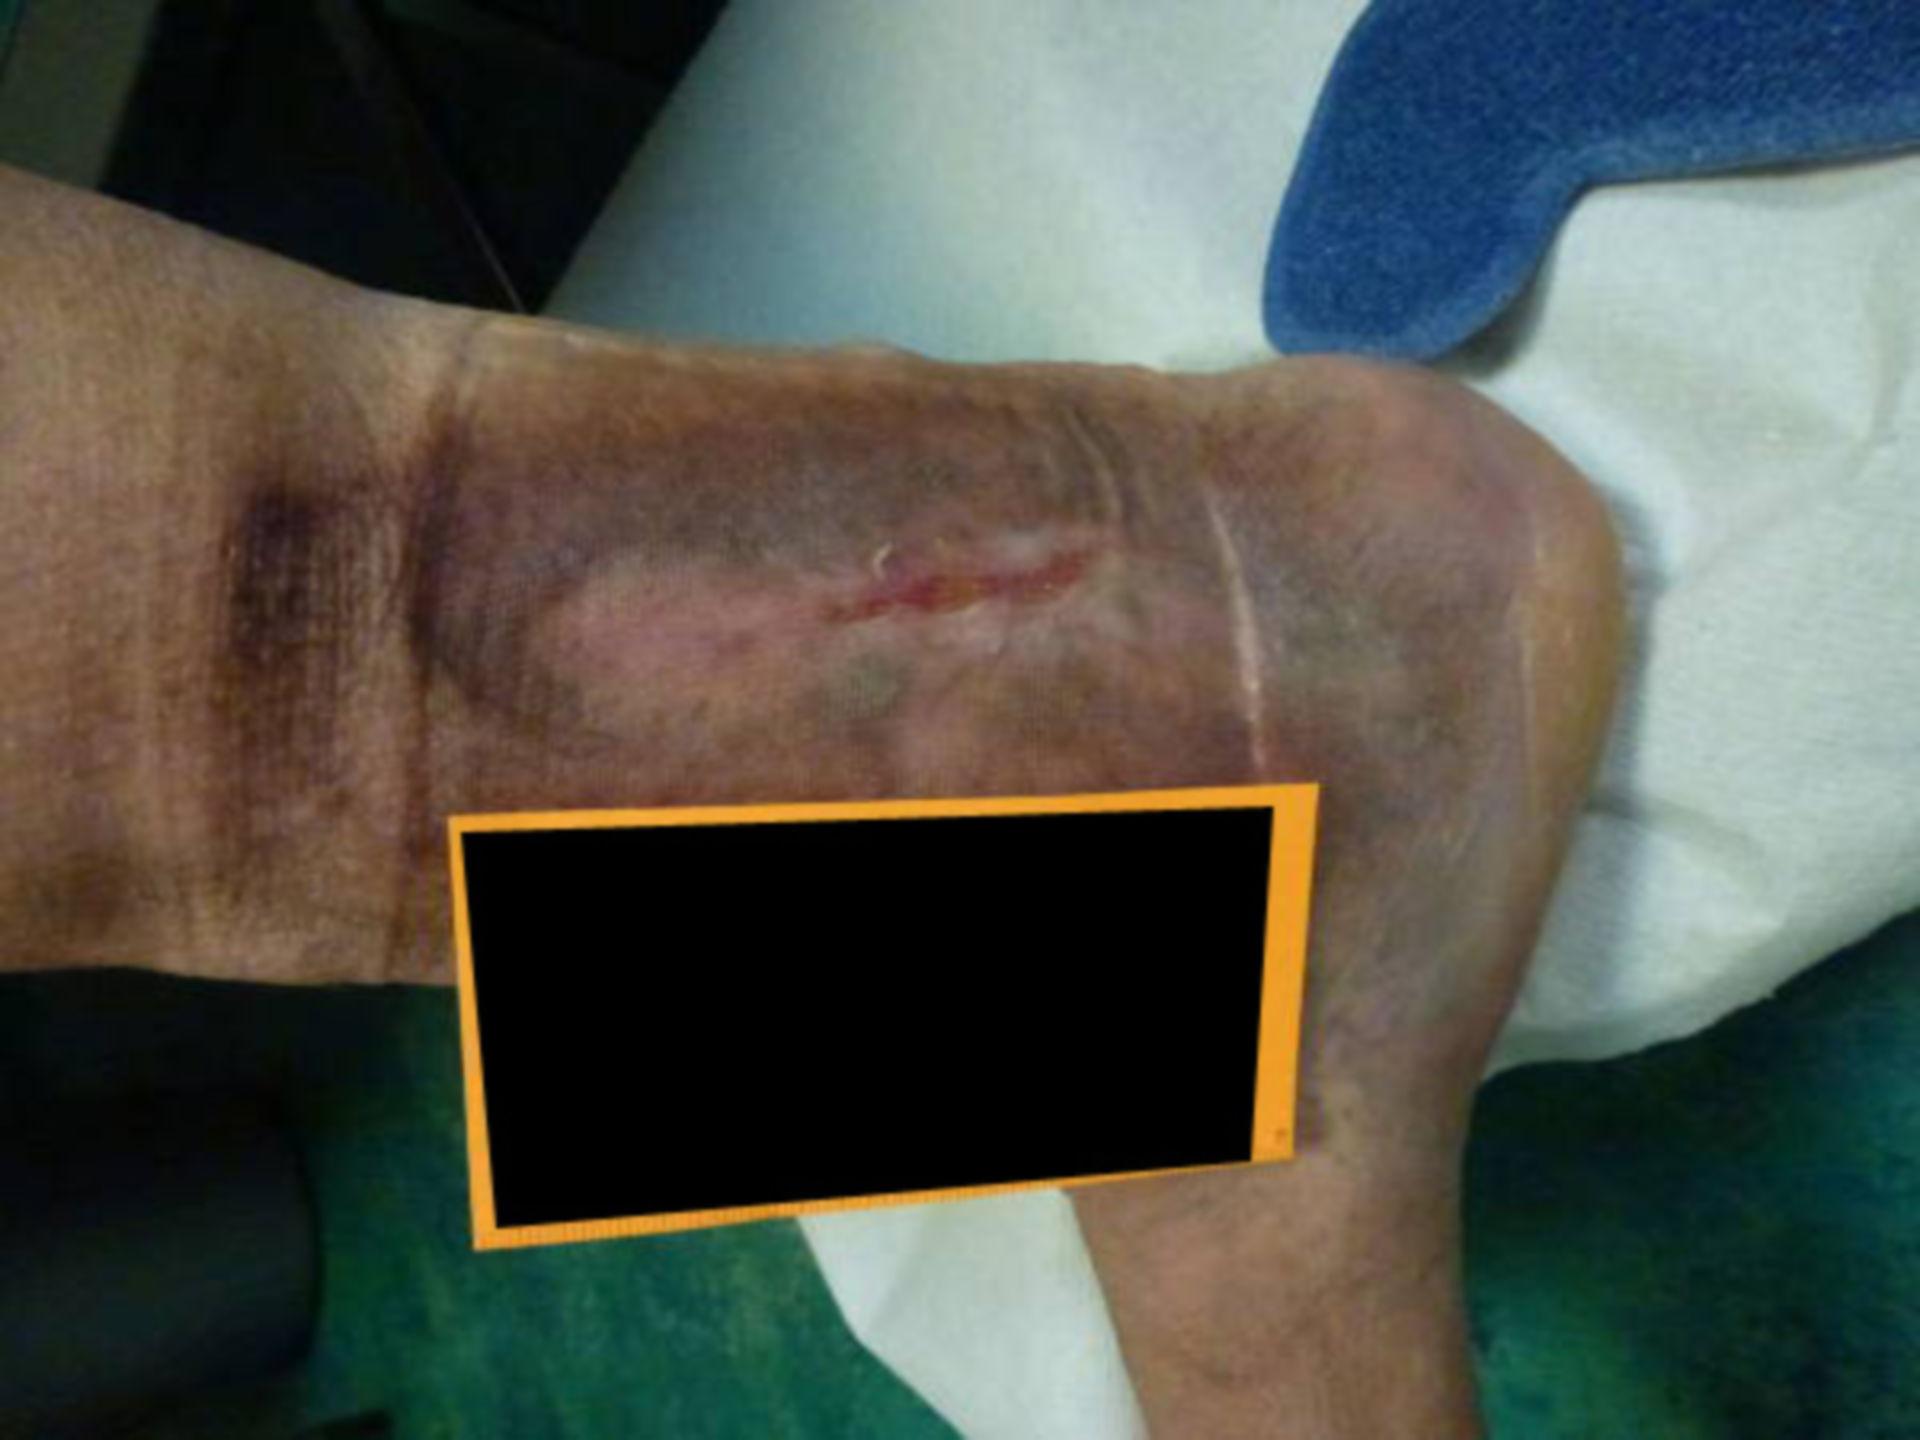 Úlcera desde 2012 después de una trombosis de 3-4 niveles